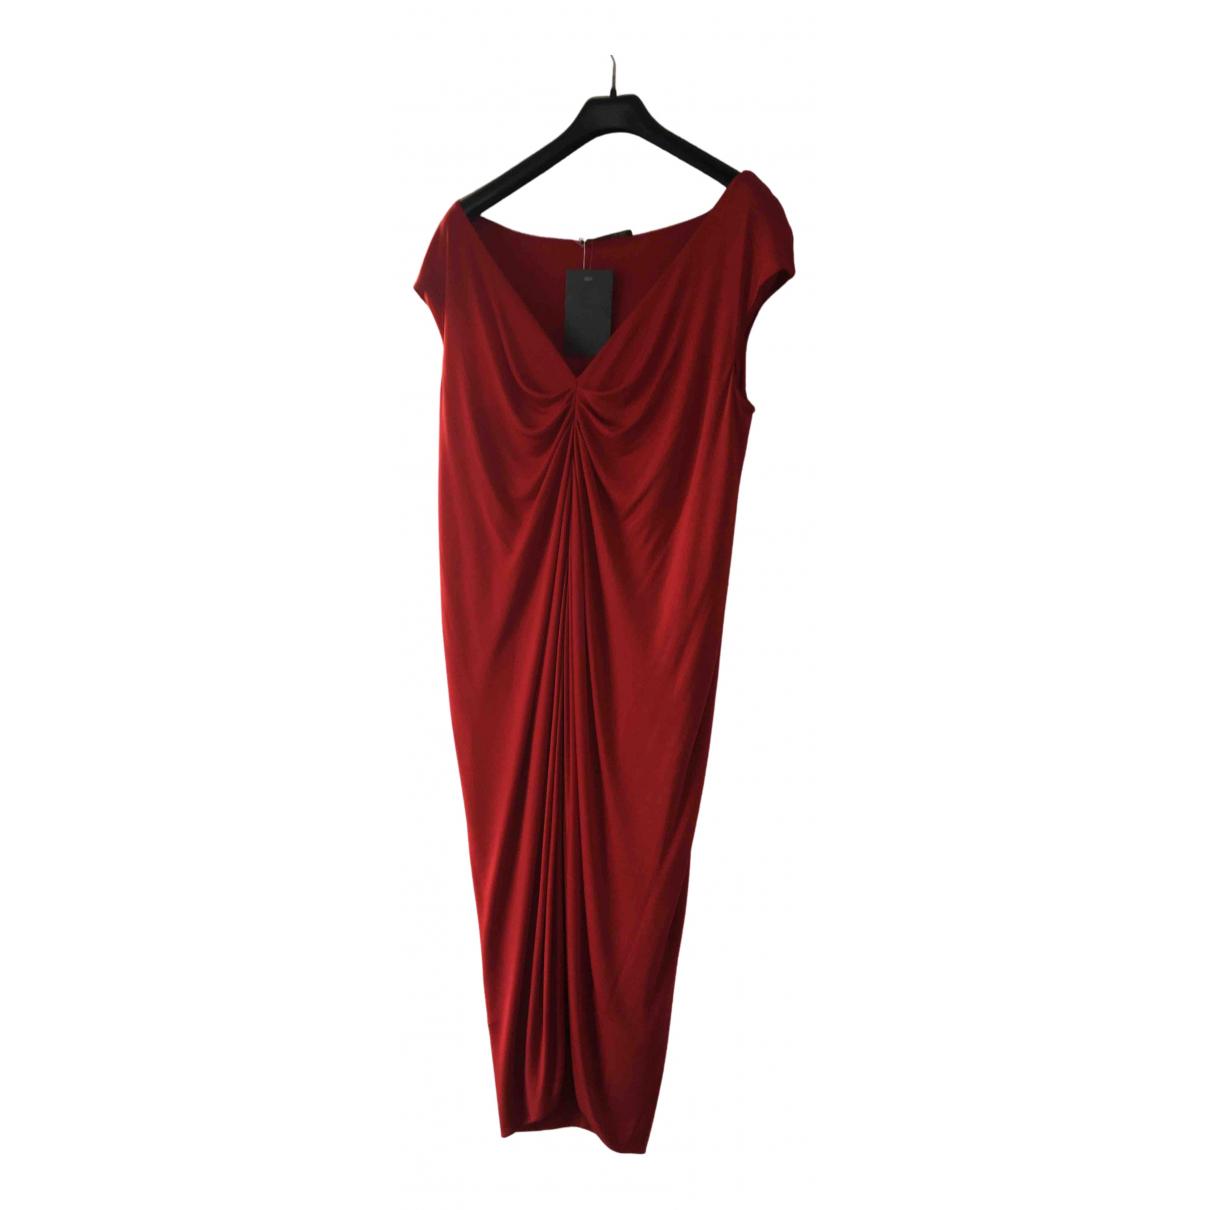 Alexander Mcqueen N Red dress for Women 44 FR